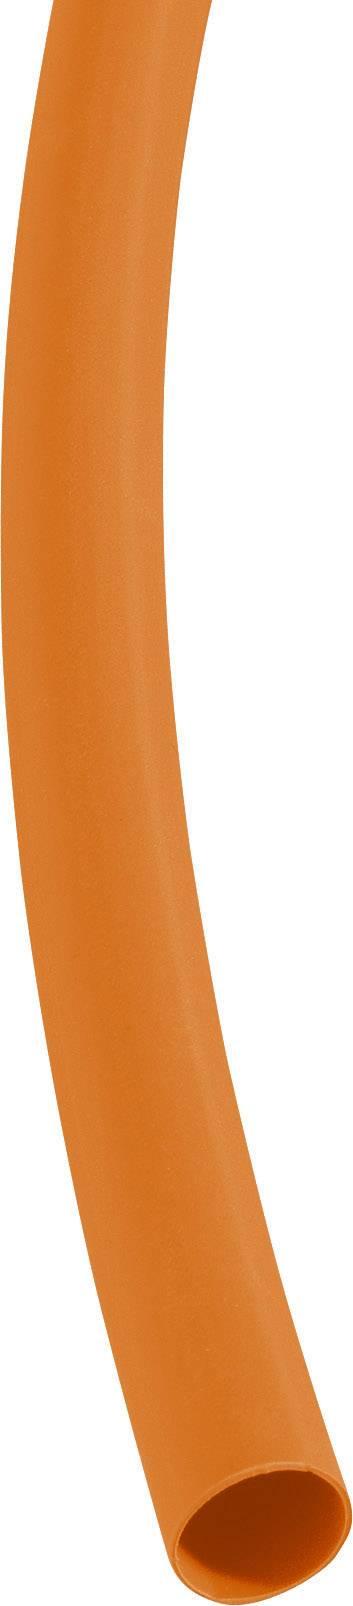 Zmršťovacie bužírky nelepiace DSG Canusa 3290380203, 3:1, 39 mm, oranžová, metrový tovar